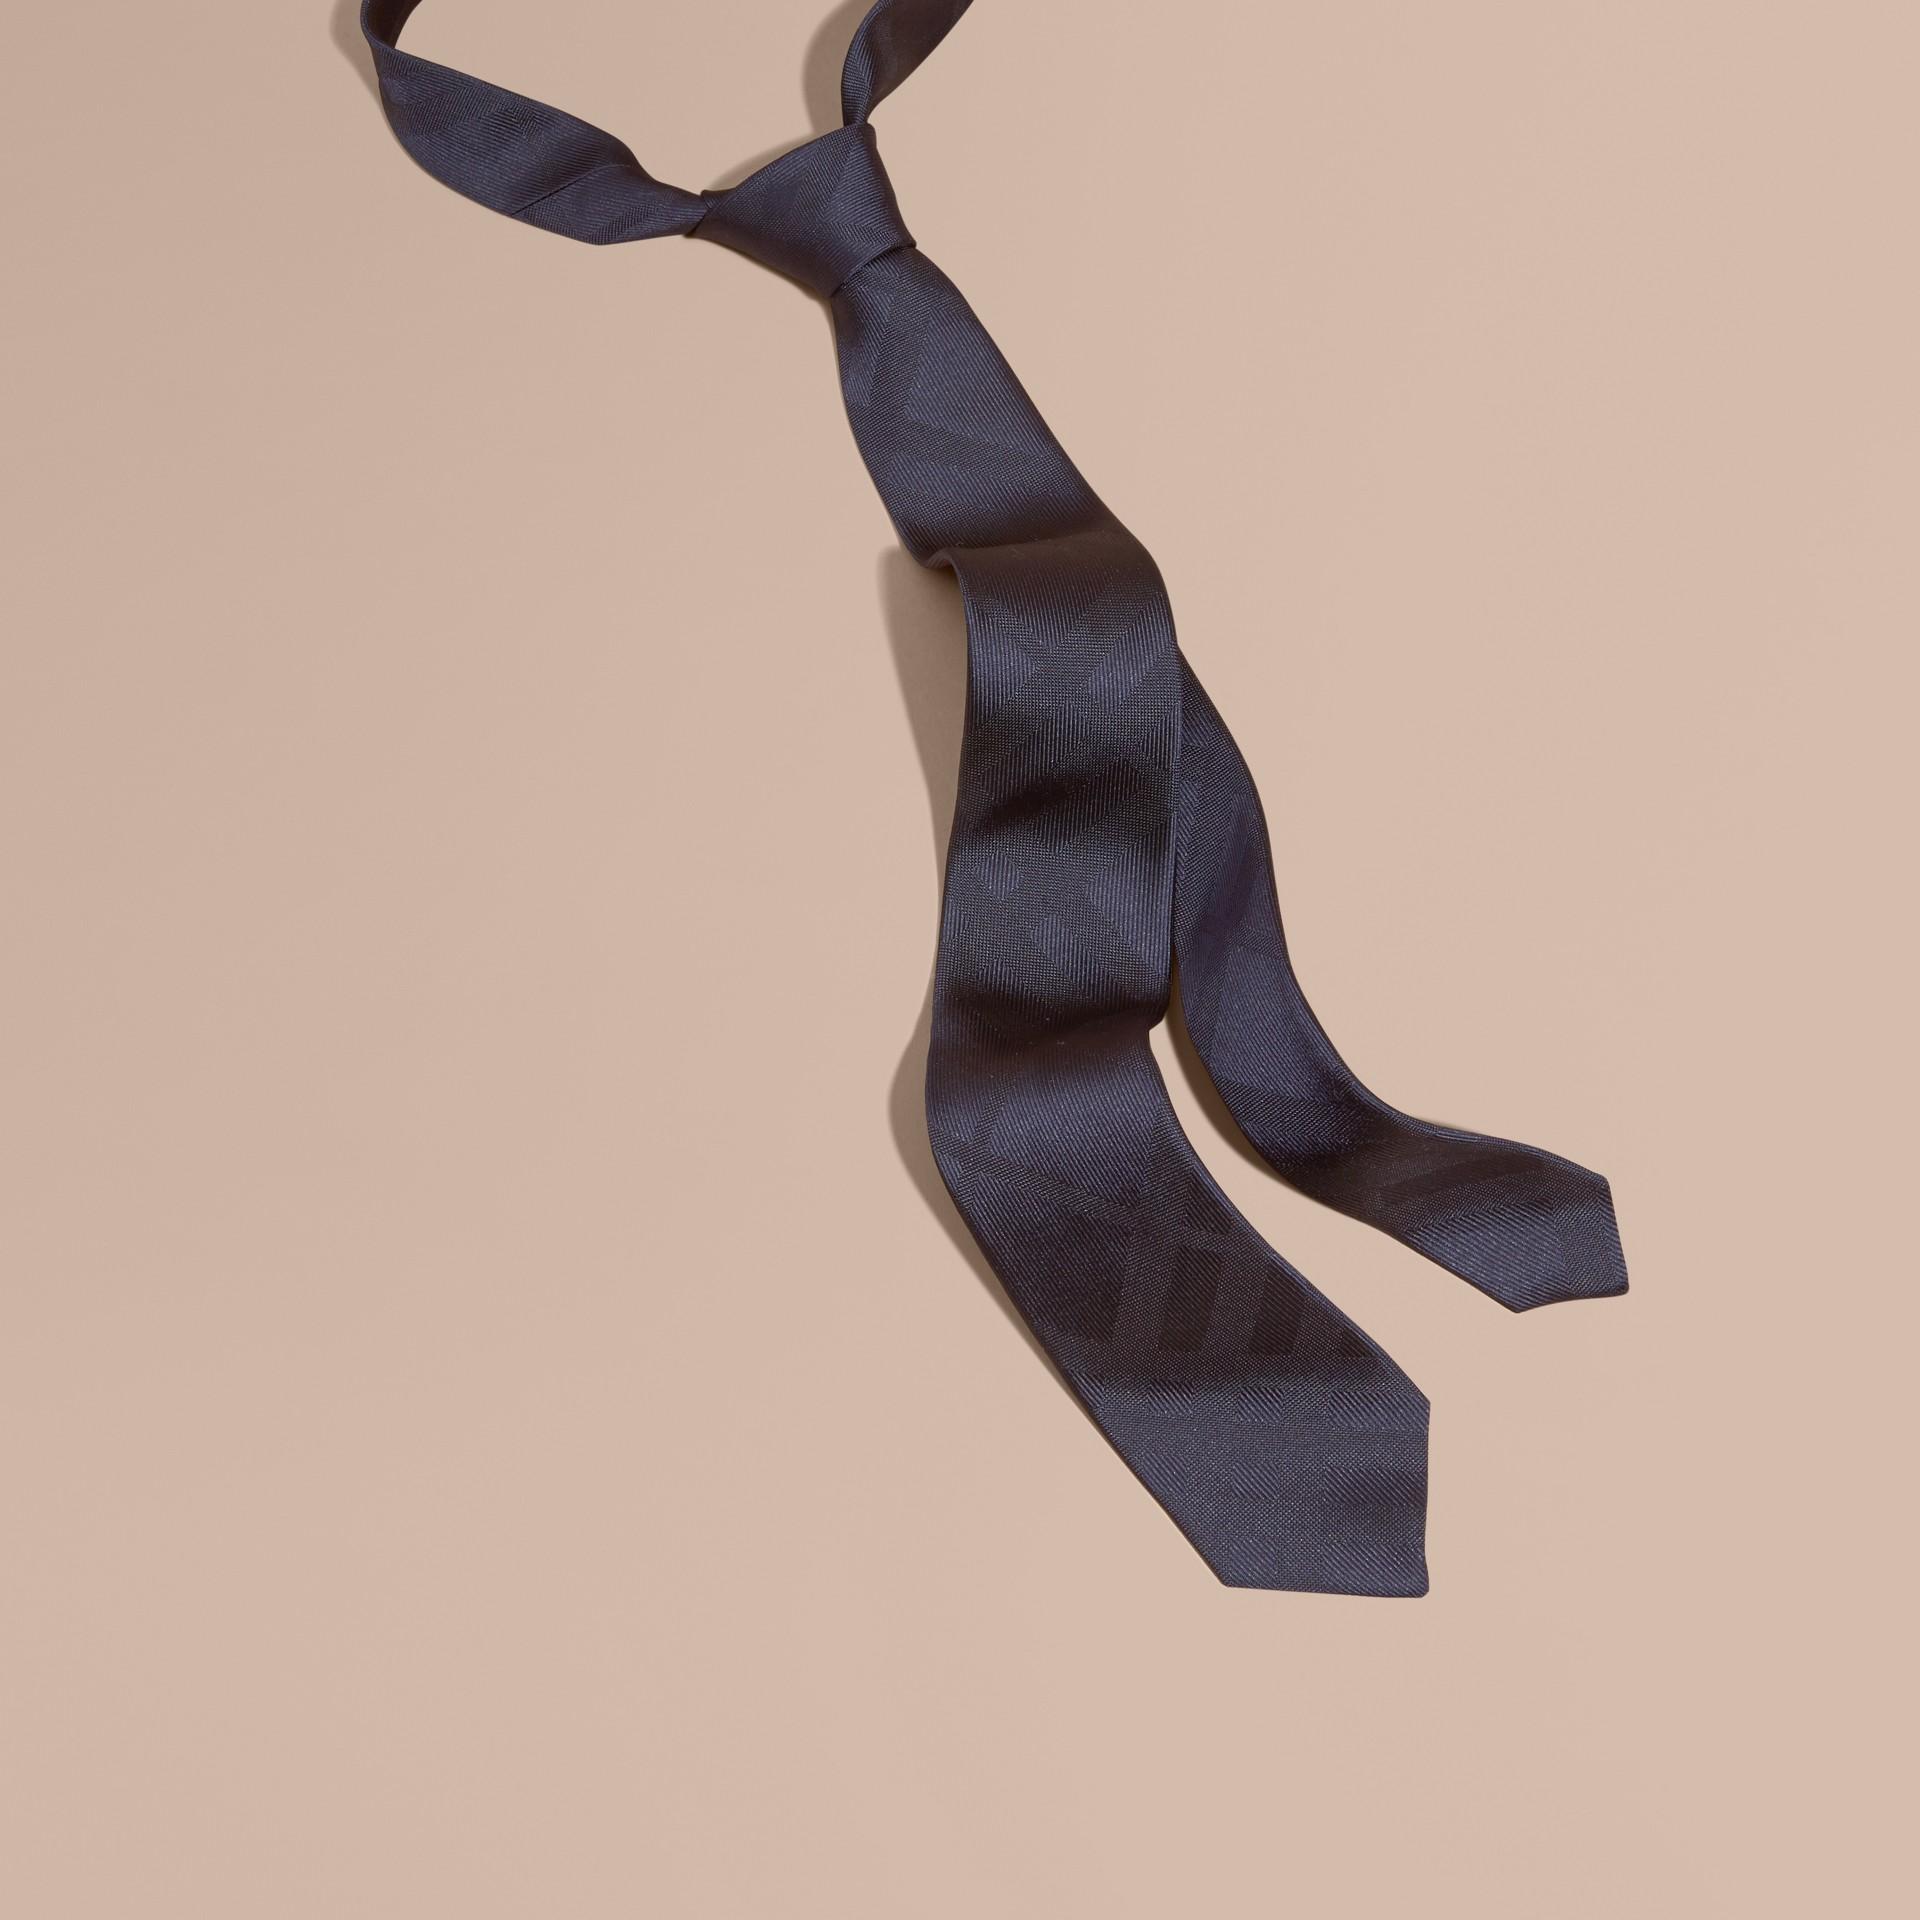 Azul marinho Gravata slim de seda com padrão xadrez Azul Marinho - galeria de imagens 1